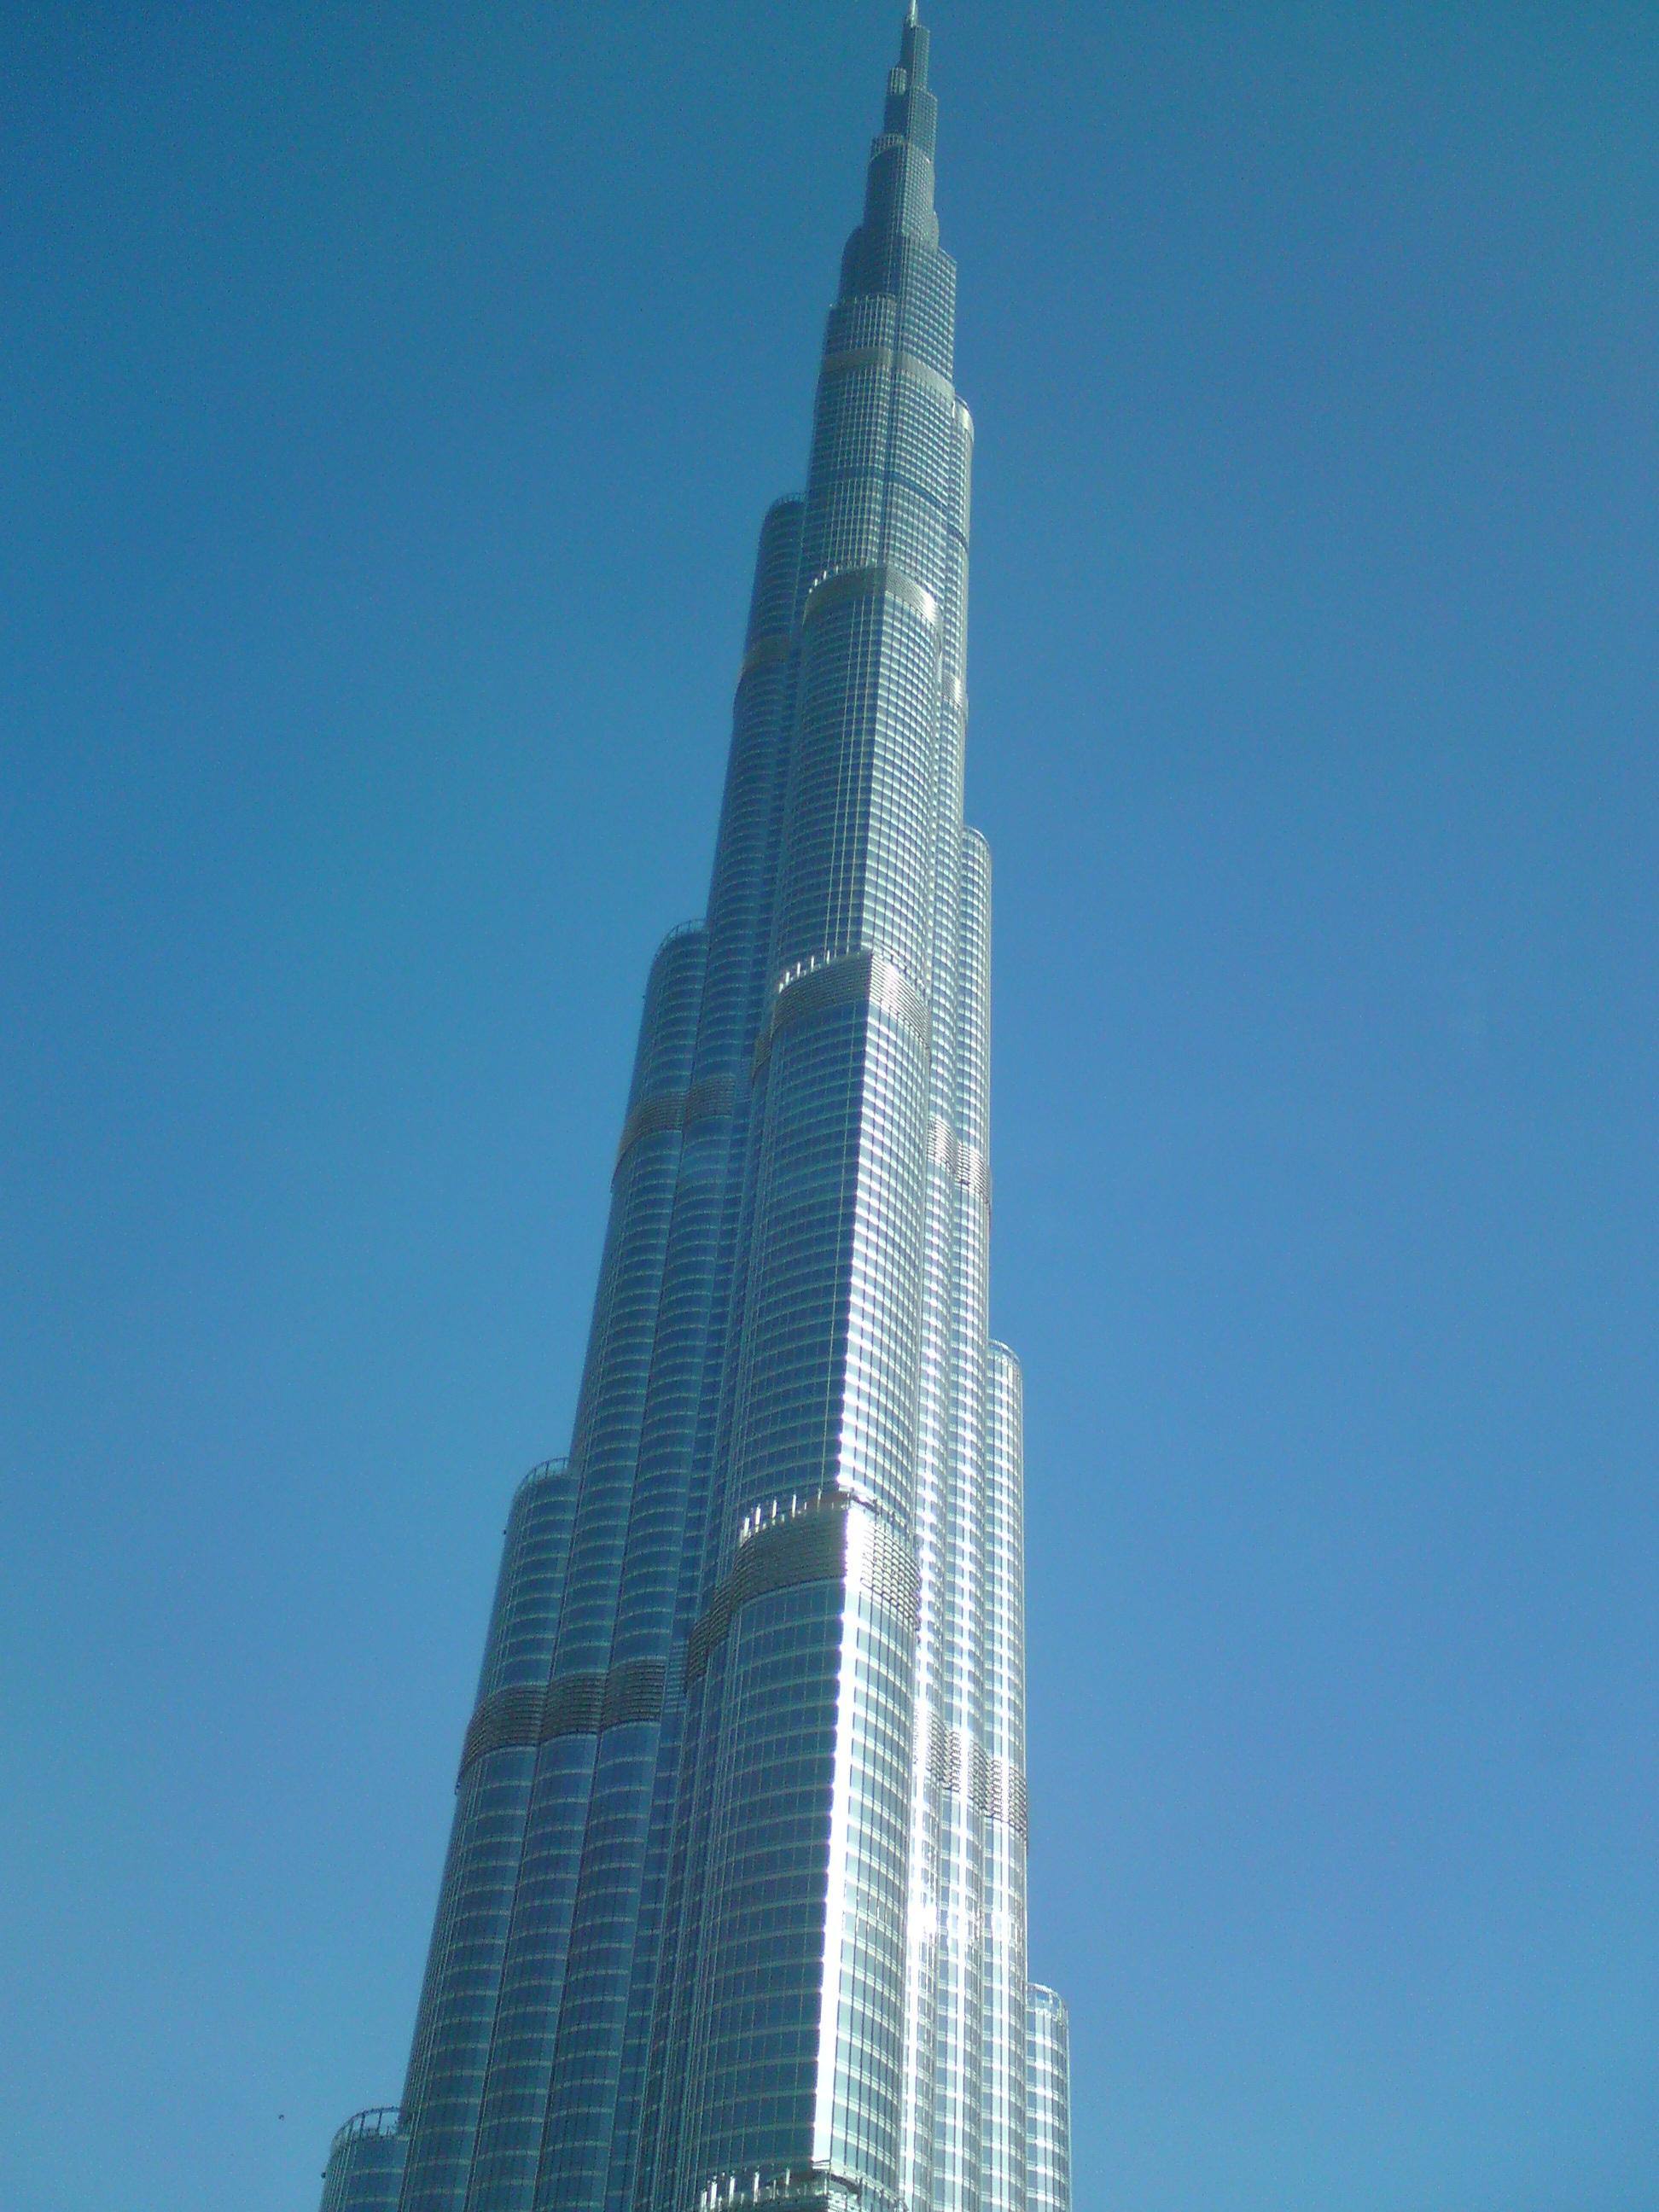 edificio rascacielos torre dubai punto de referencia bloque de pisos aguja campanario burj khalifa emiratos